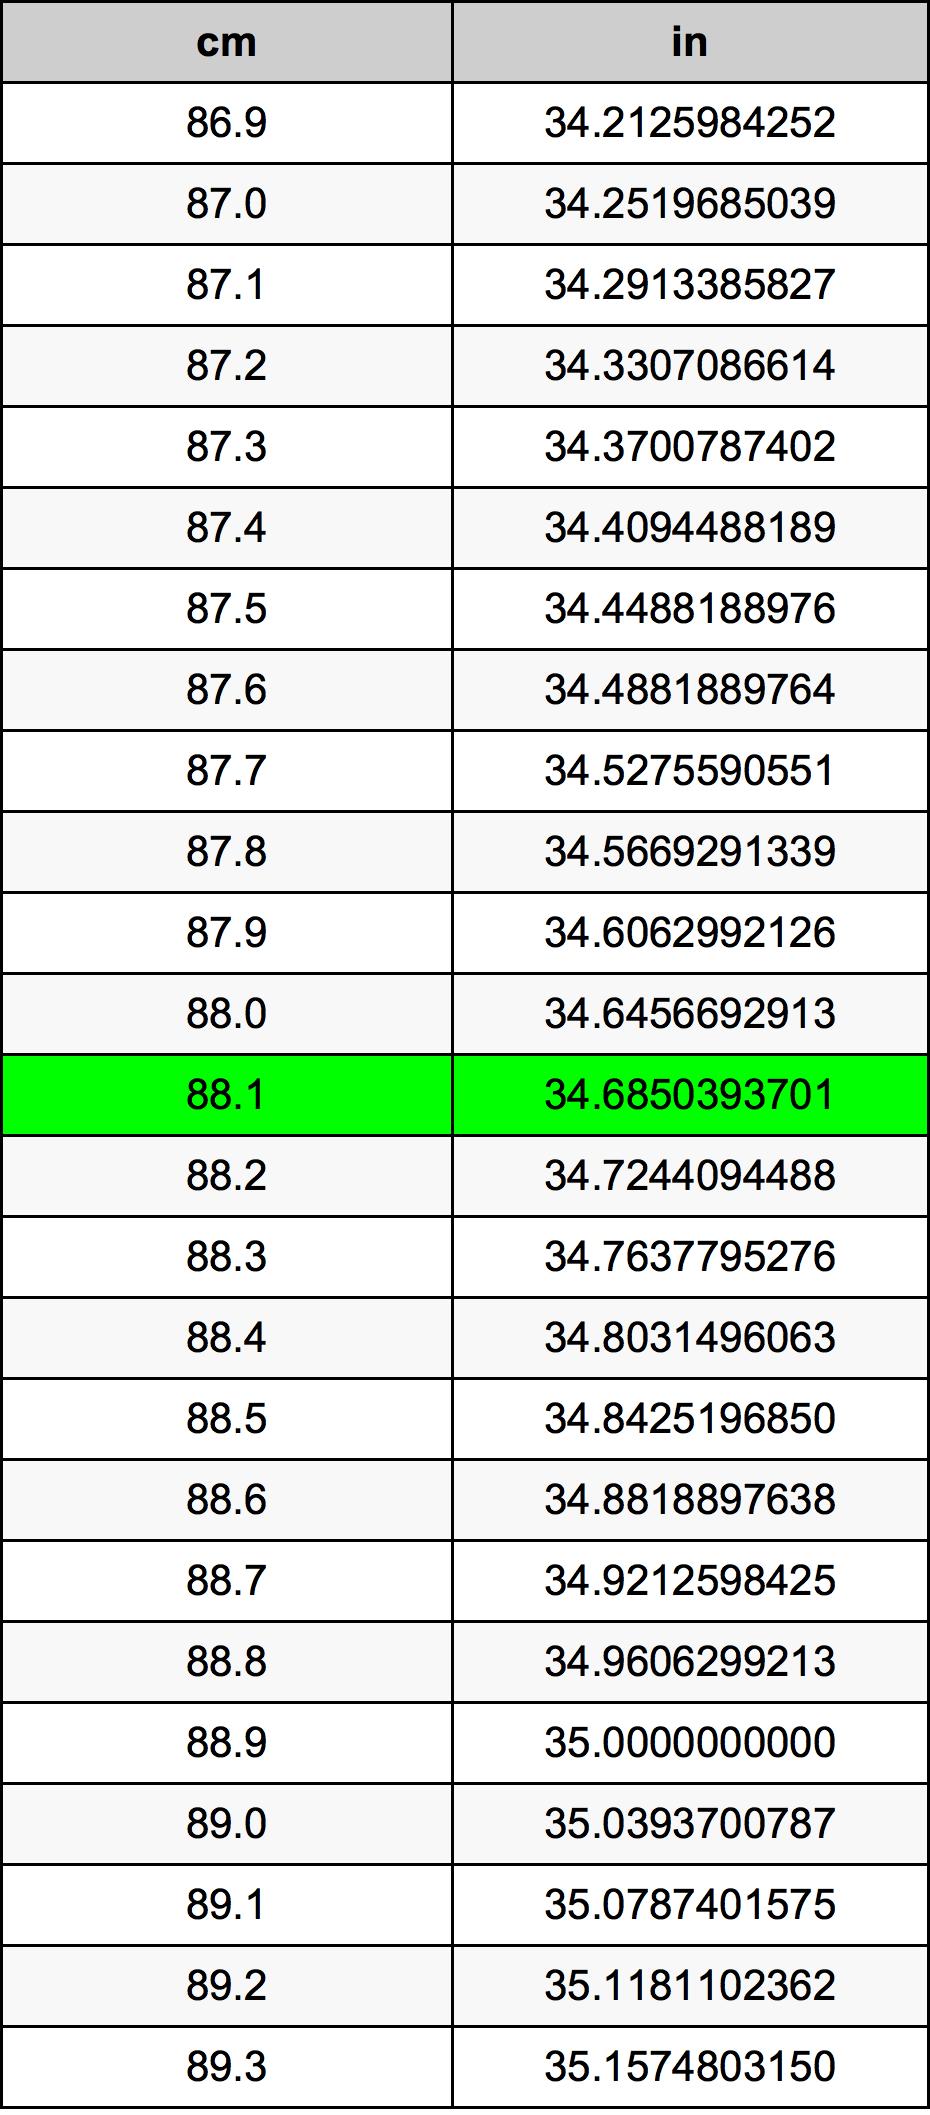 88.1厘米換算表